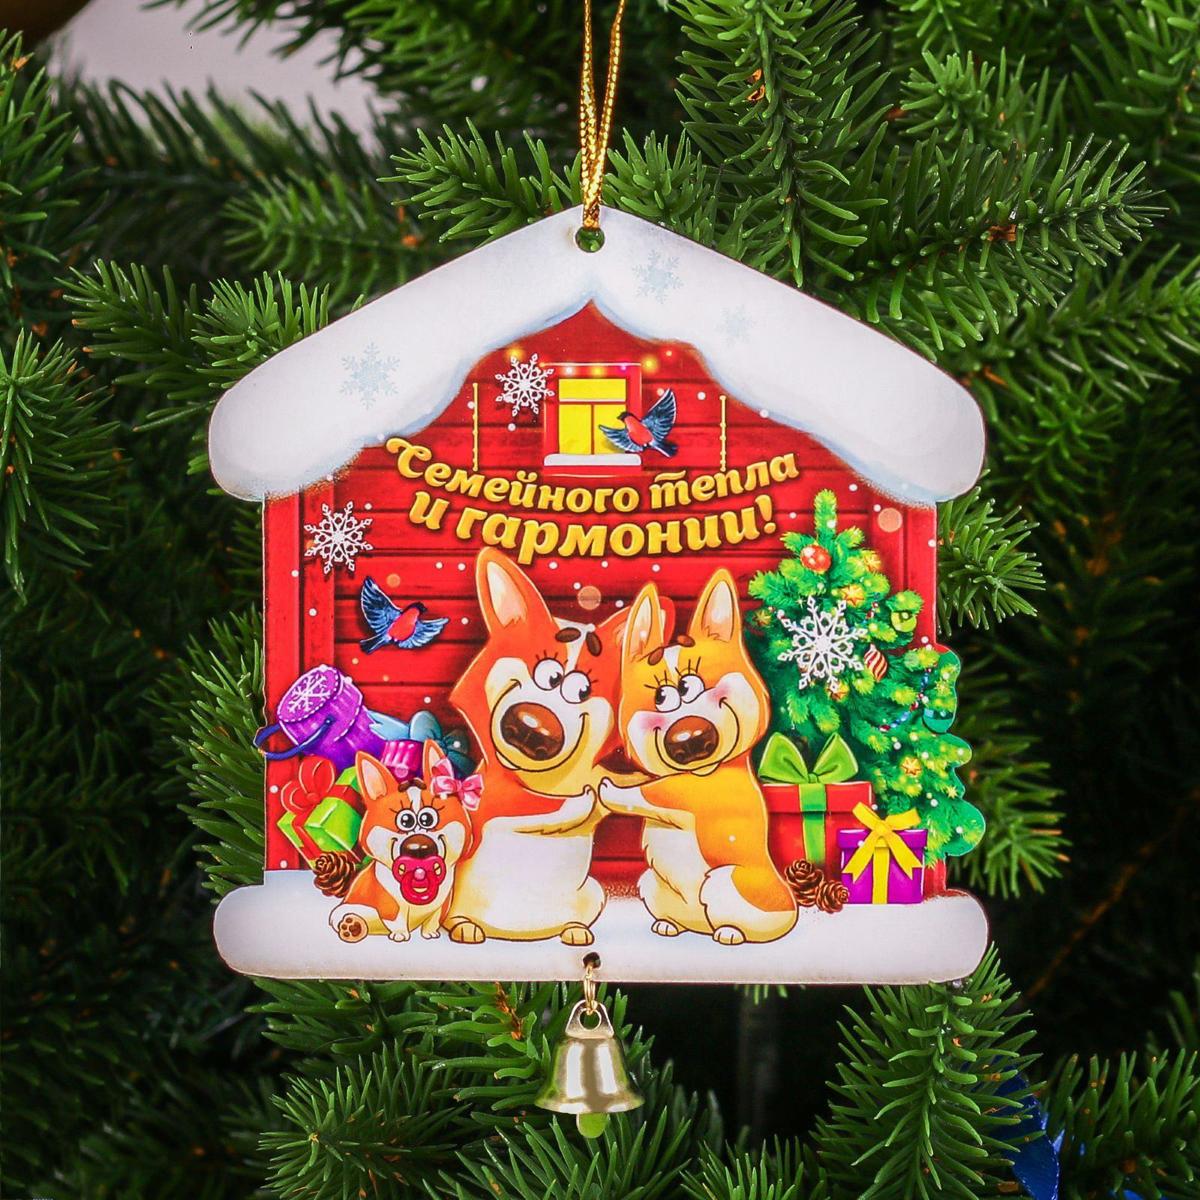 Новогоднее подвесное украшение, выполненное из дерева, отлично подойдет для декорации вашего дома и новогодней ели. С помощью  специальной петельки украшение можно повесить в любом понравившемся вам месте. Но, конечно, удачнее всего оно будет смотреться на  праздничной елке. Украшение дополнено металлическим колокольчиком.  Елочная игрушка - символ Нового года. Она несет в себе  волшебство и красоту праздника. Такое украшение создаст в  вашем доме атмосферу праздника, веселья и радости.